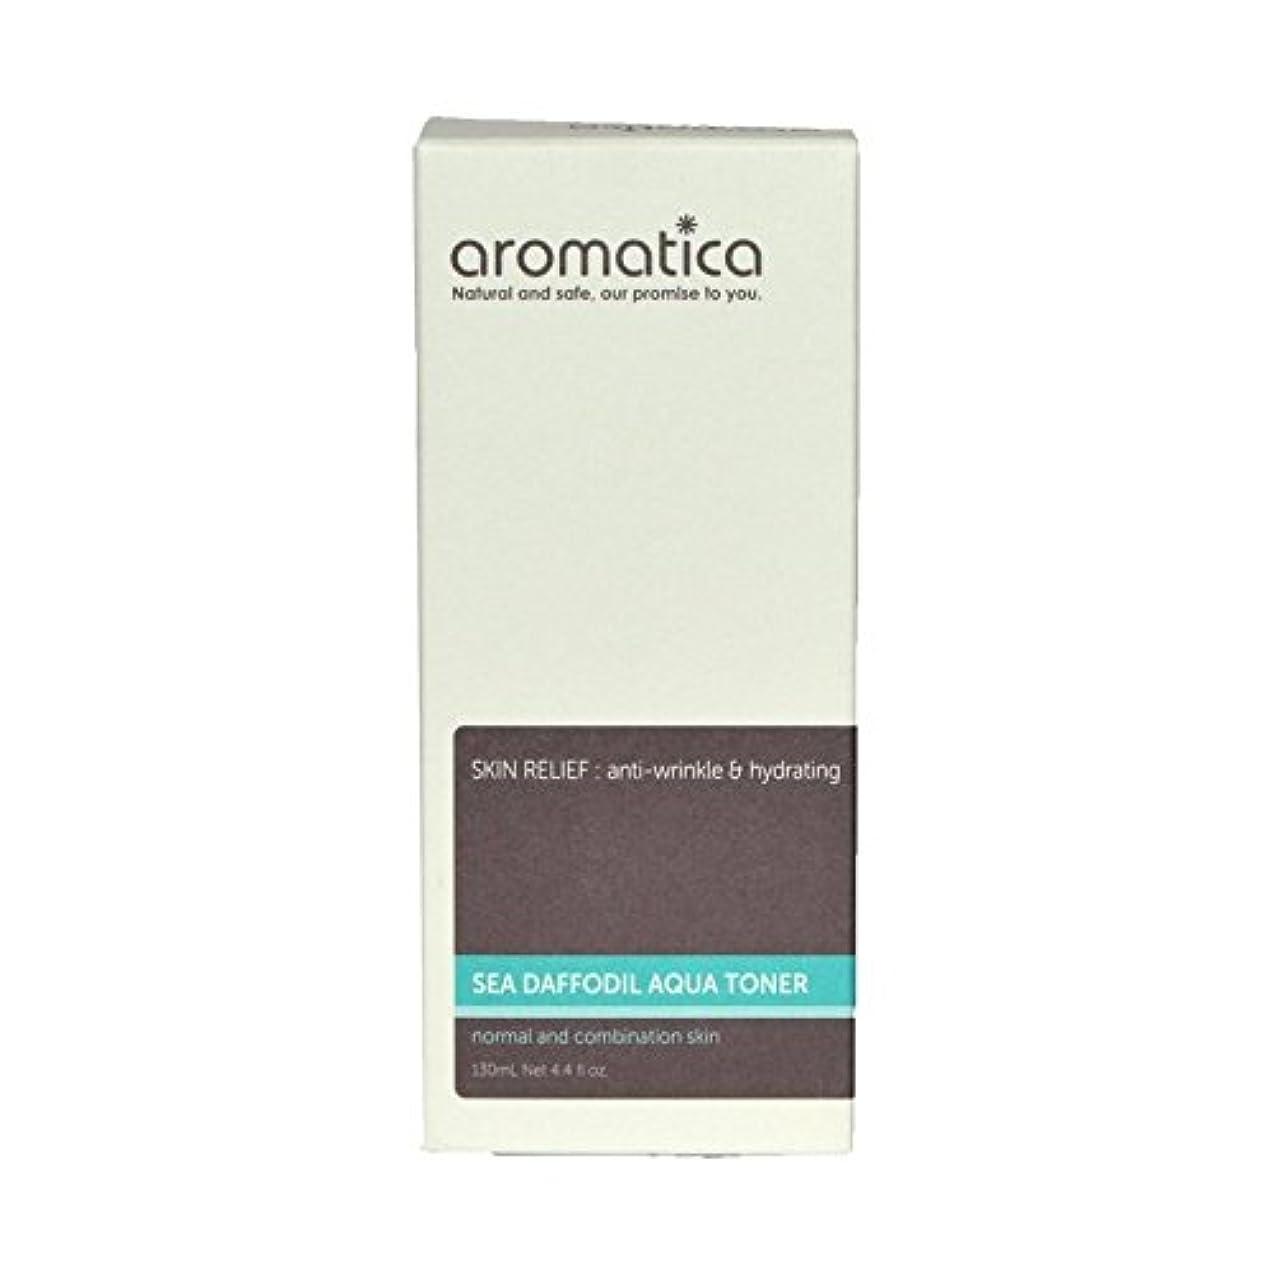 協会曖昧な血統aromatica Sea Daffodil Aqua Toner 130ml - 海スイセンアクアトナー130ミリリットル [並行輸入品]